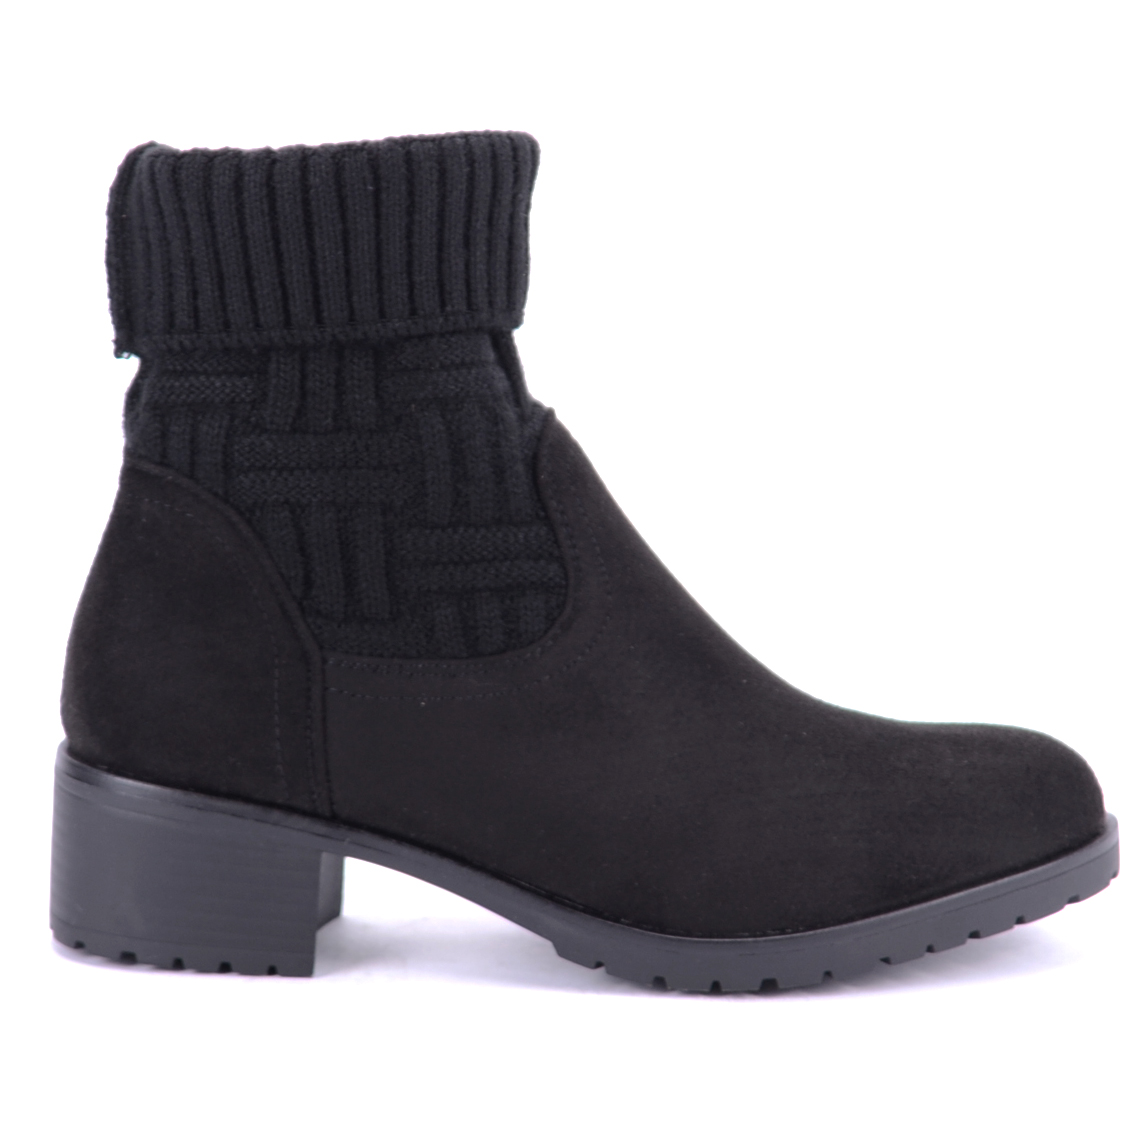 Seastar Fekete Művelúr Bokacsizma - BOKACSIZMÁK - Női cipő webáruház-női  csizmák b9500f9ebe